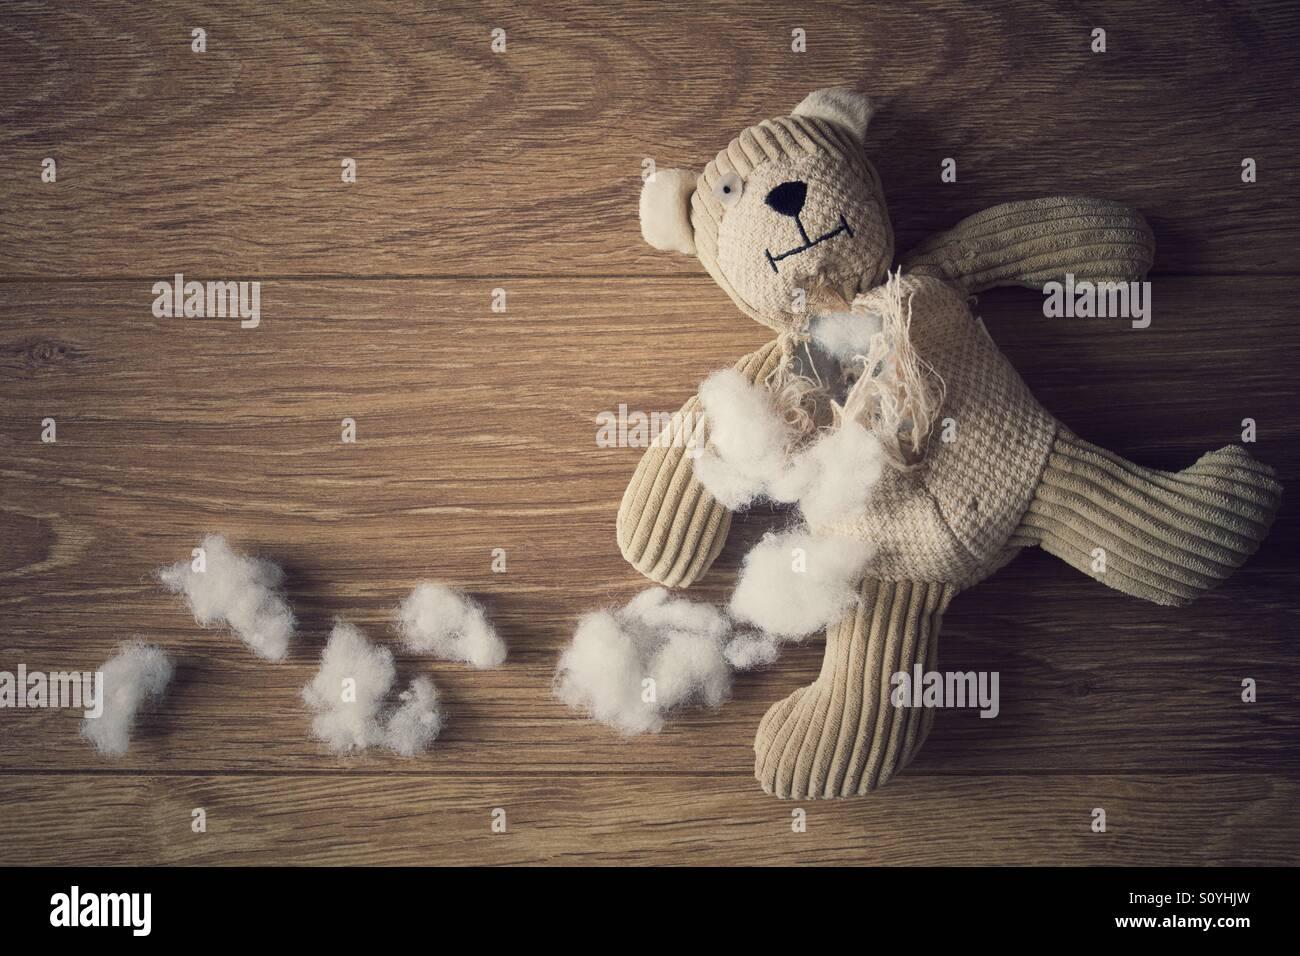 Einen kleinen Teddybär Verlegung auf einem Holzfußboden mit seiner Füllung hin und her gerissen und Stockbild